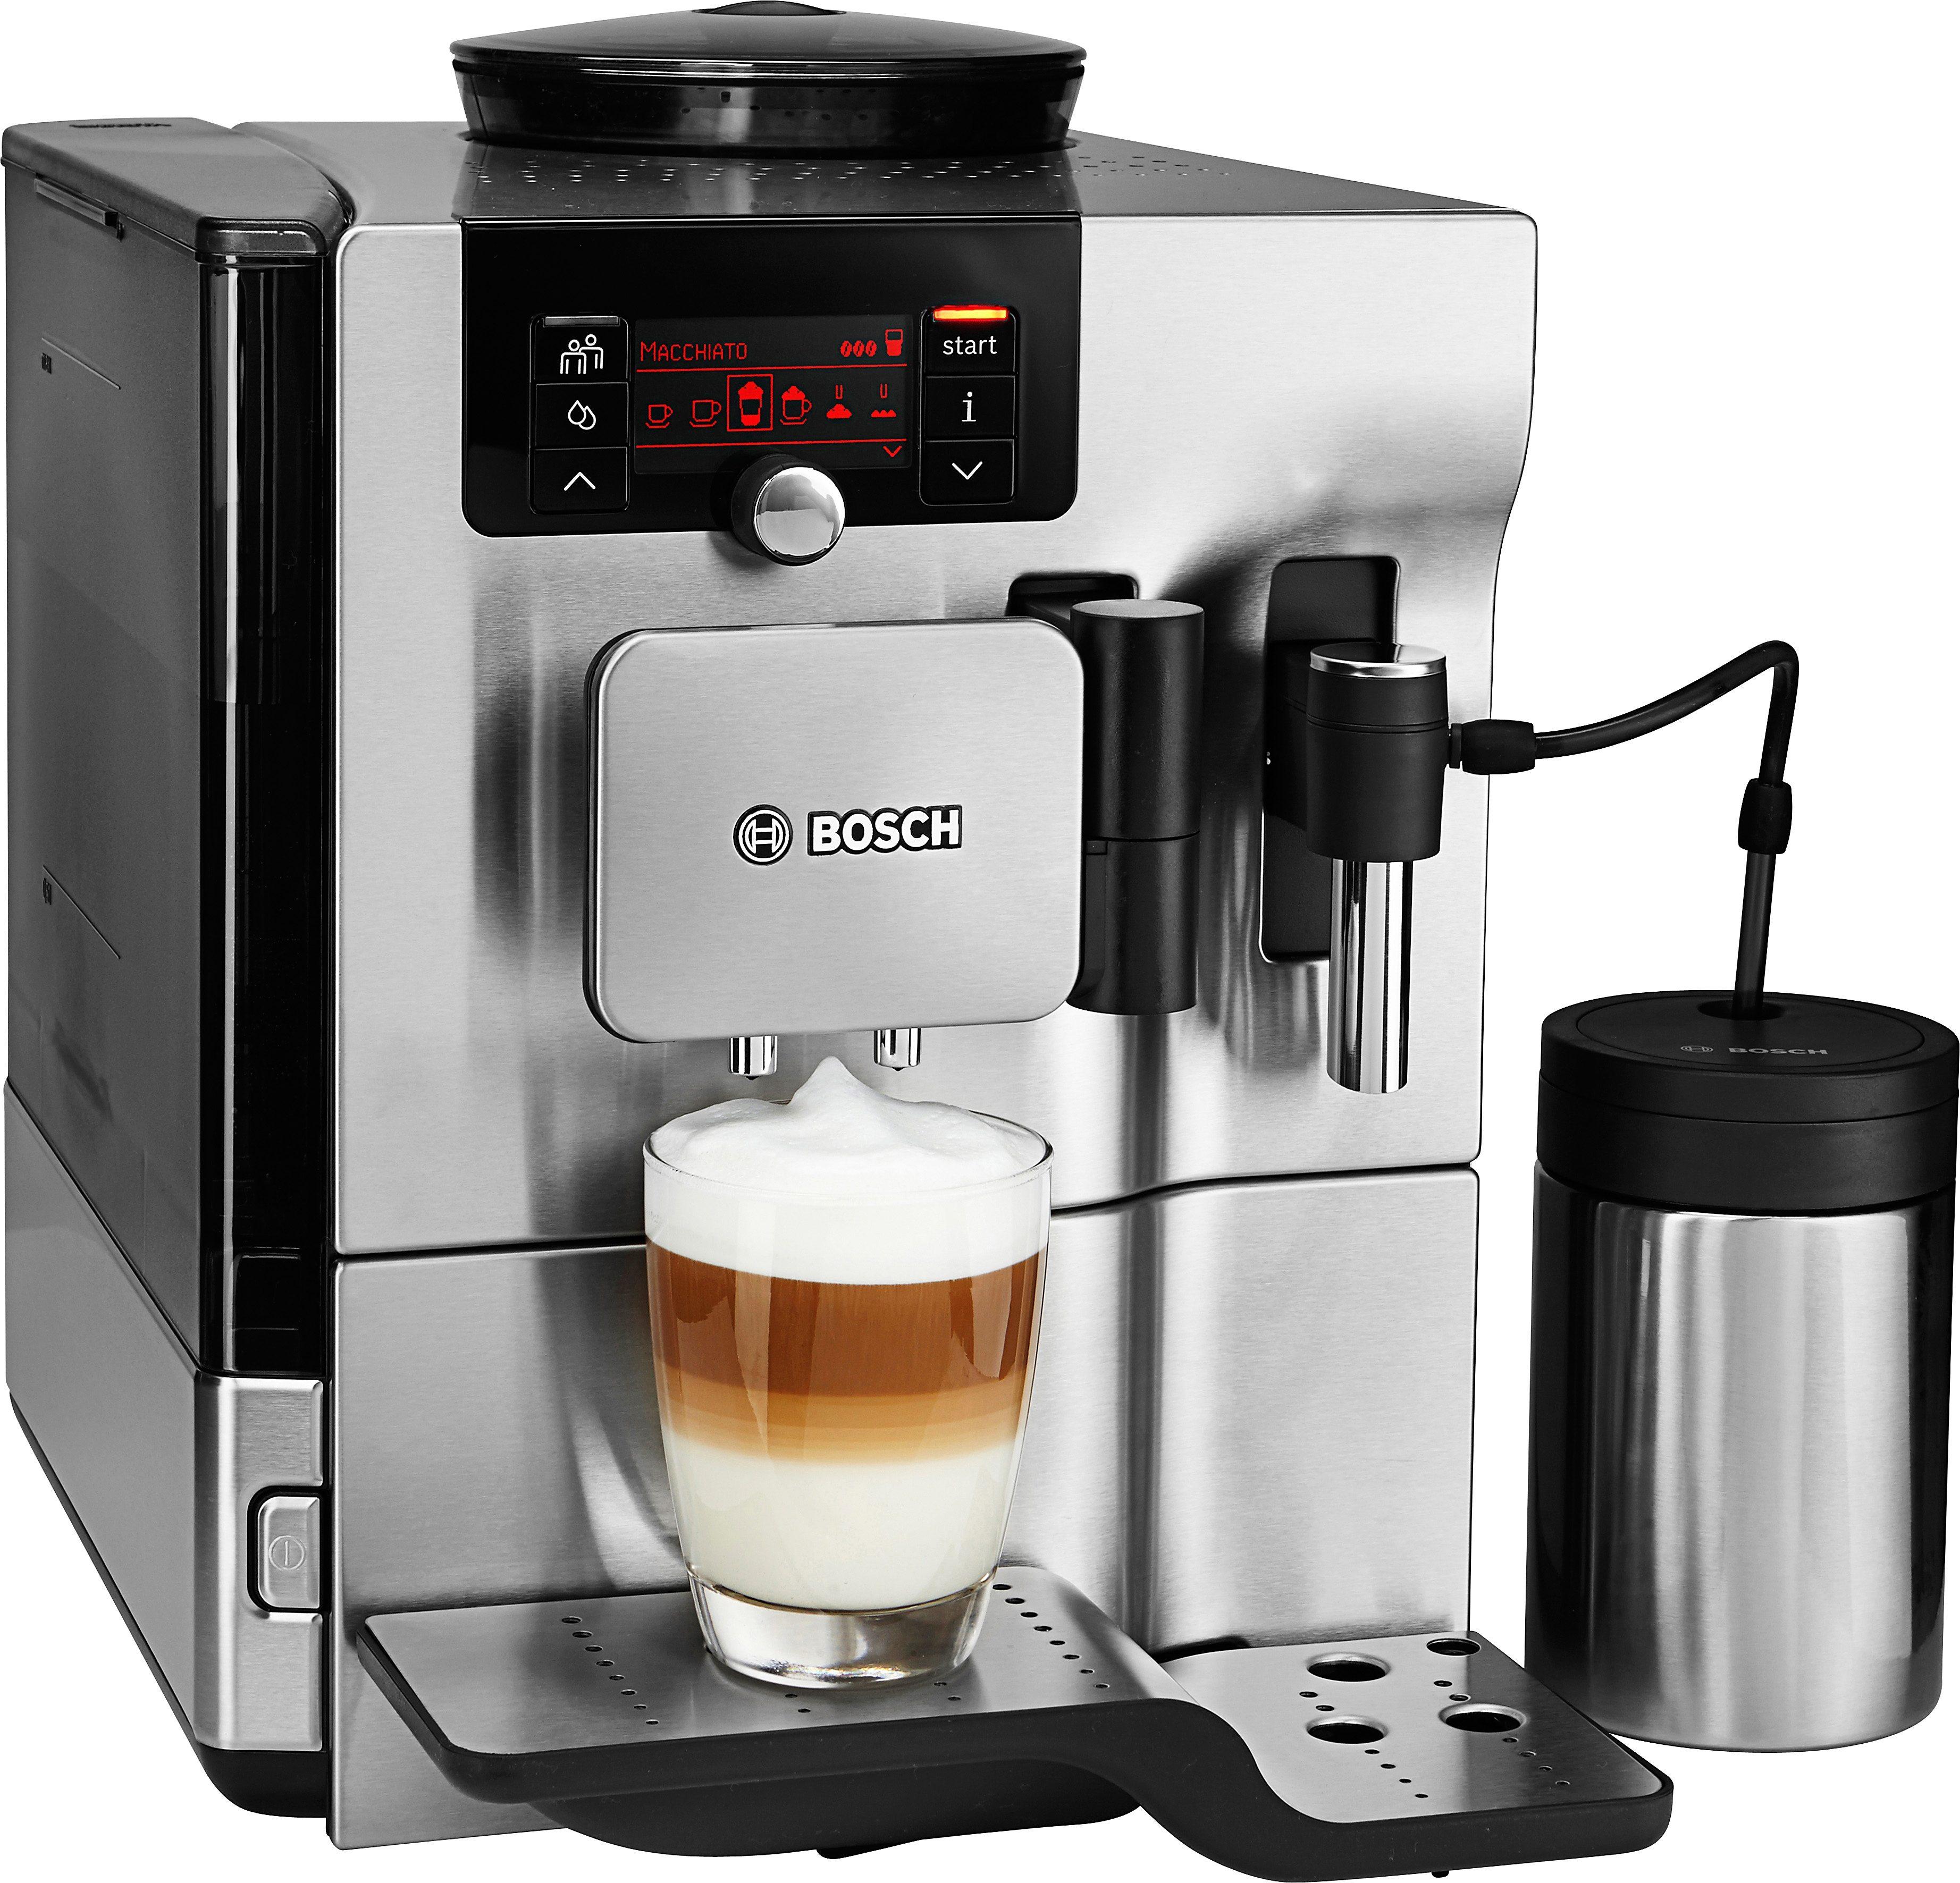 BOSCH Kaffeevollautomat VeroSelection 700 TES80751DE, 2,4l Tank, Scheibenmahlwerk